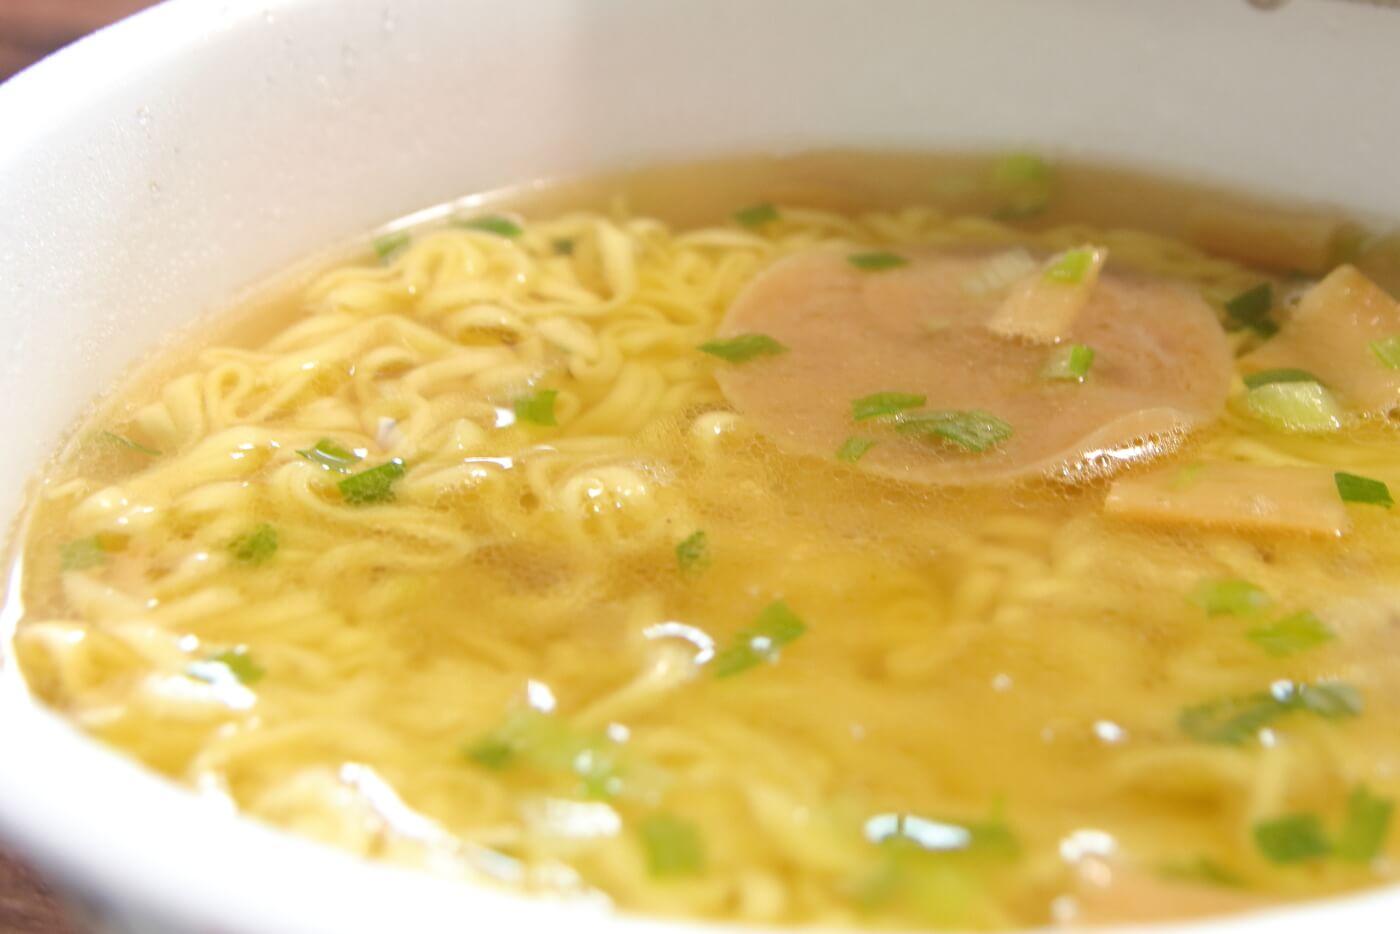 中四国のローソン限定で販売される讃岐ラーメンはまんどカップ麺